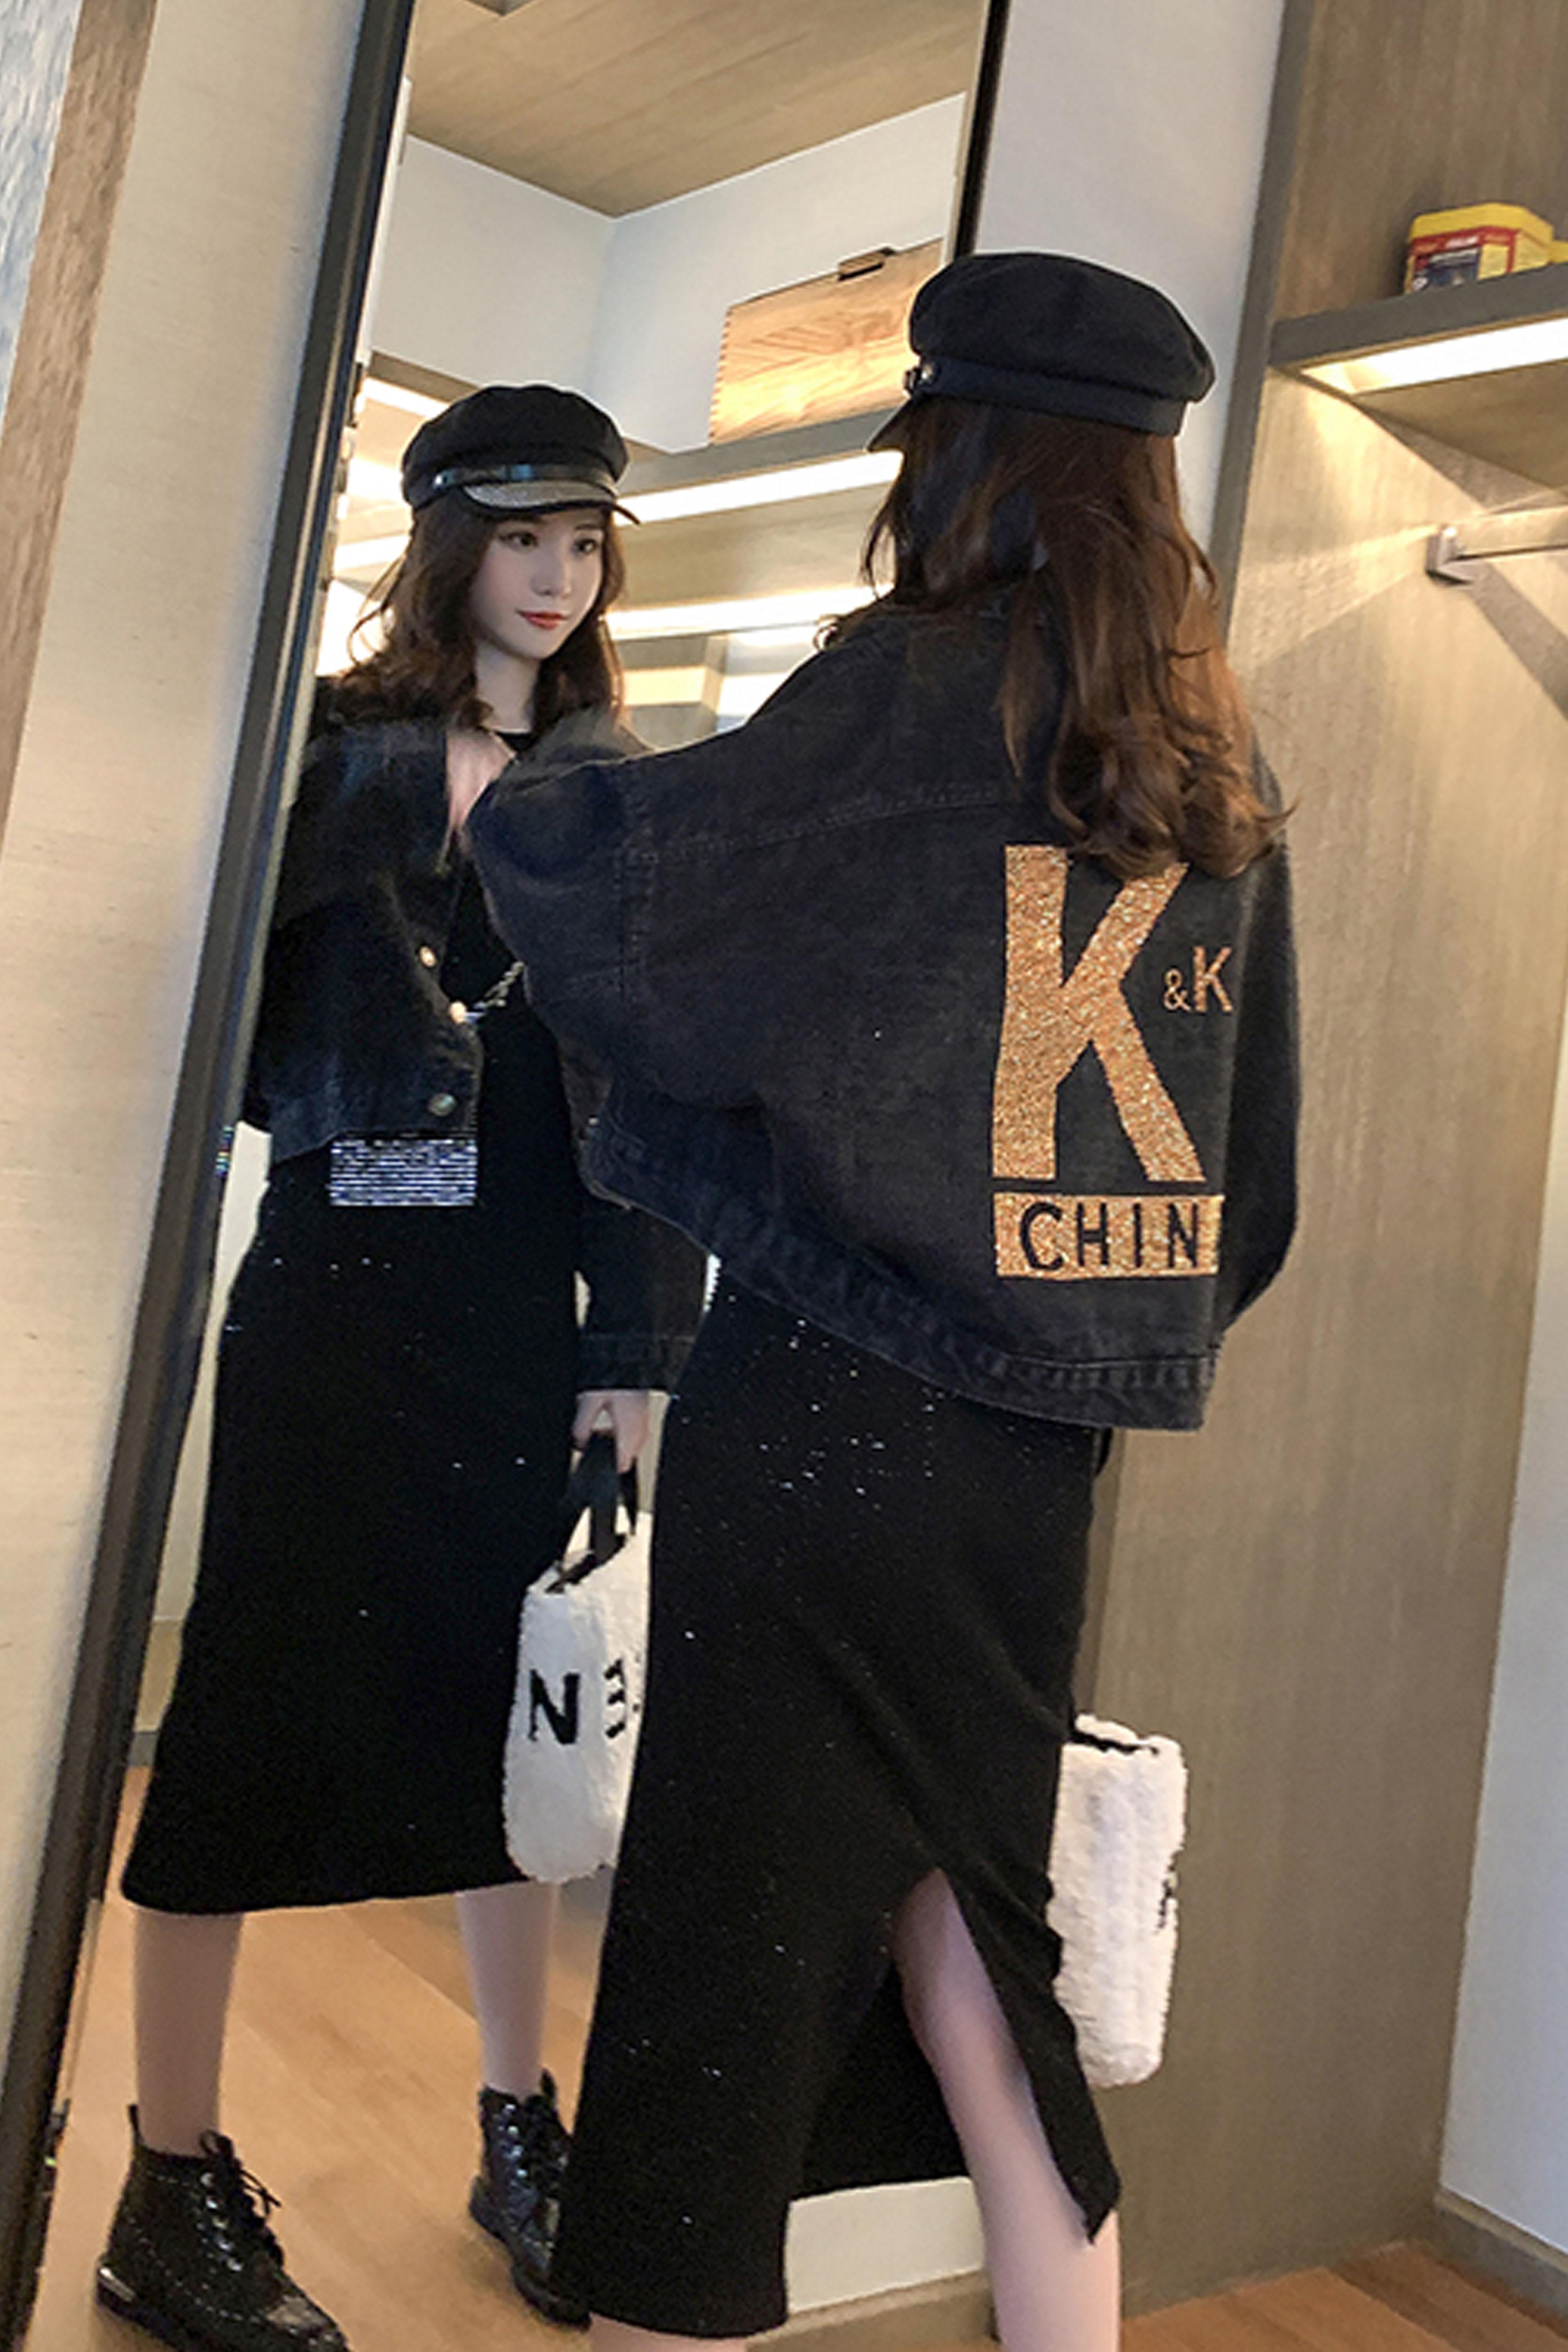 时尚套装女韩版闪亮字母黑色牛仔外套+下摆开叉连衣裙两件套装潮